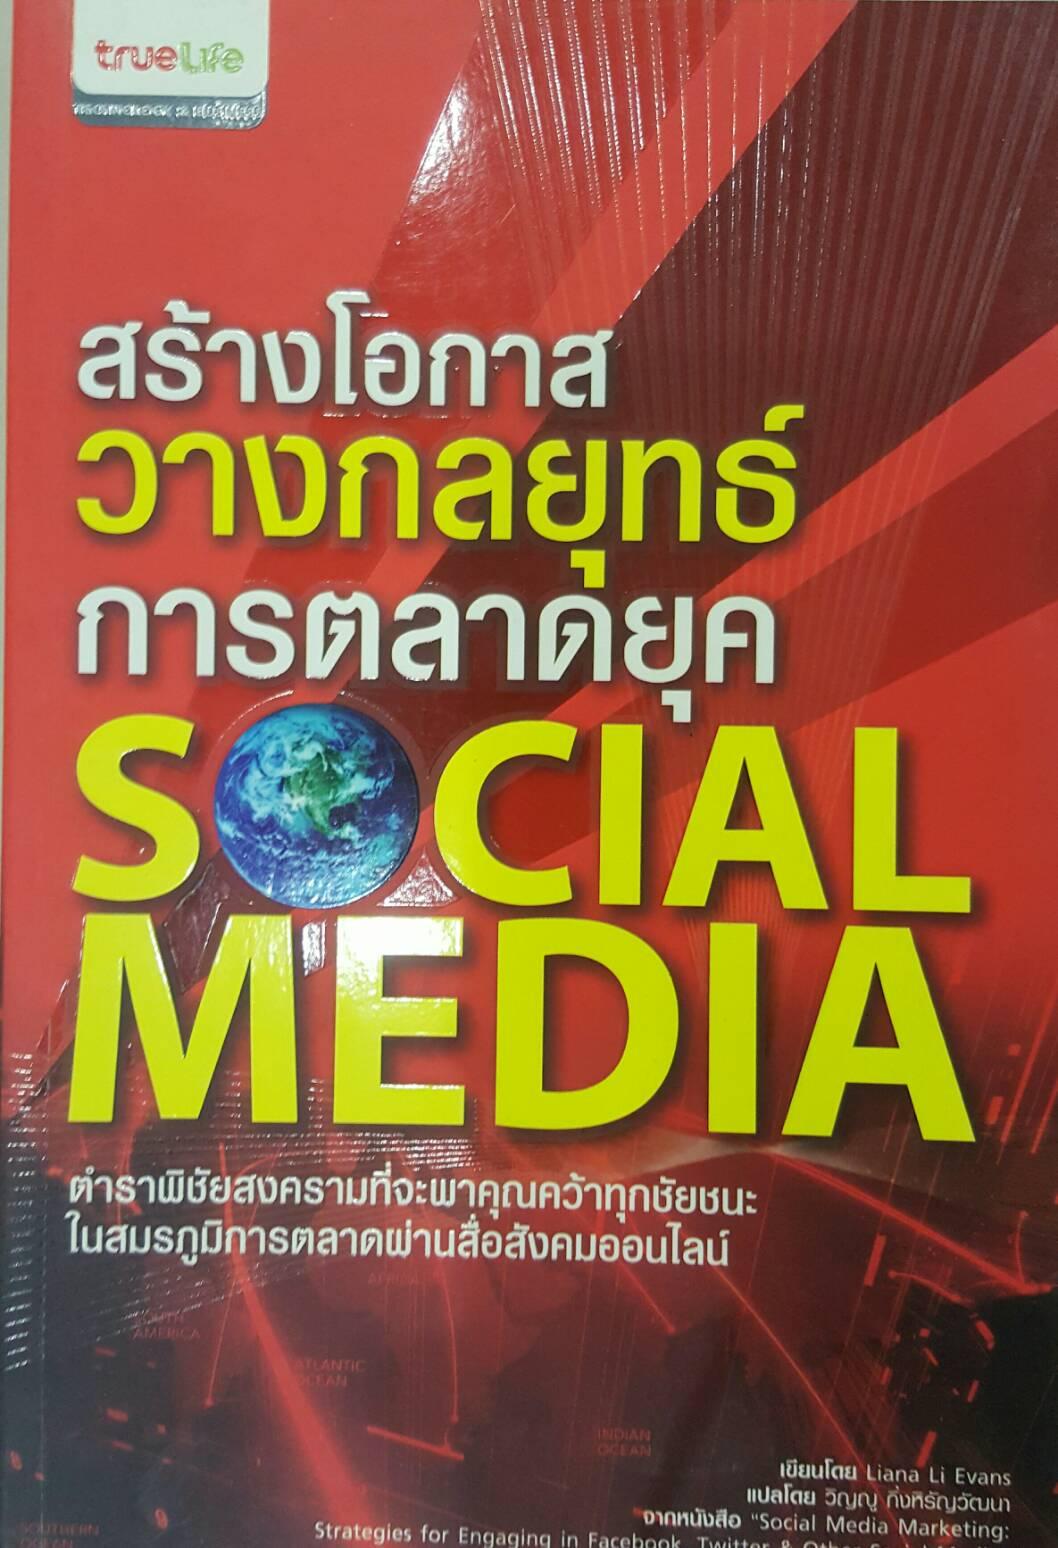 สร้างโอกาสวางกลยุทธ์การตลาดยุค SOCIAL MEDIA